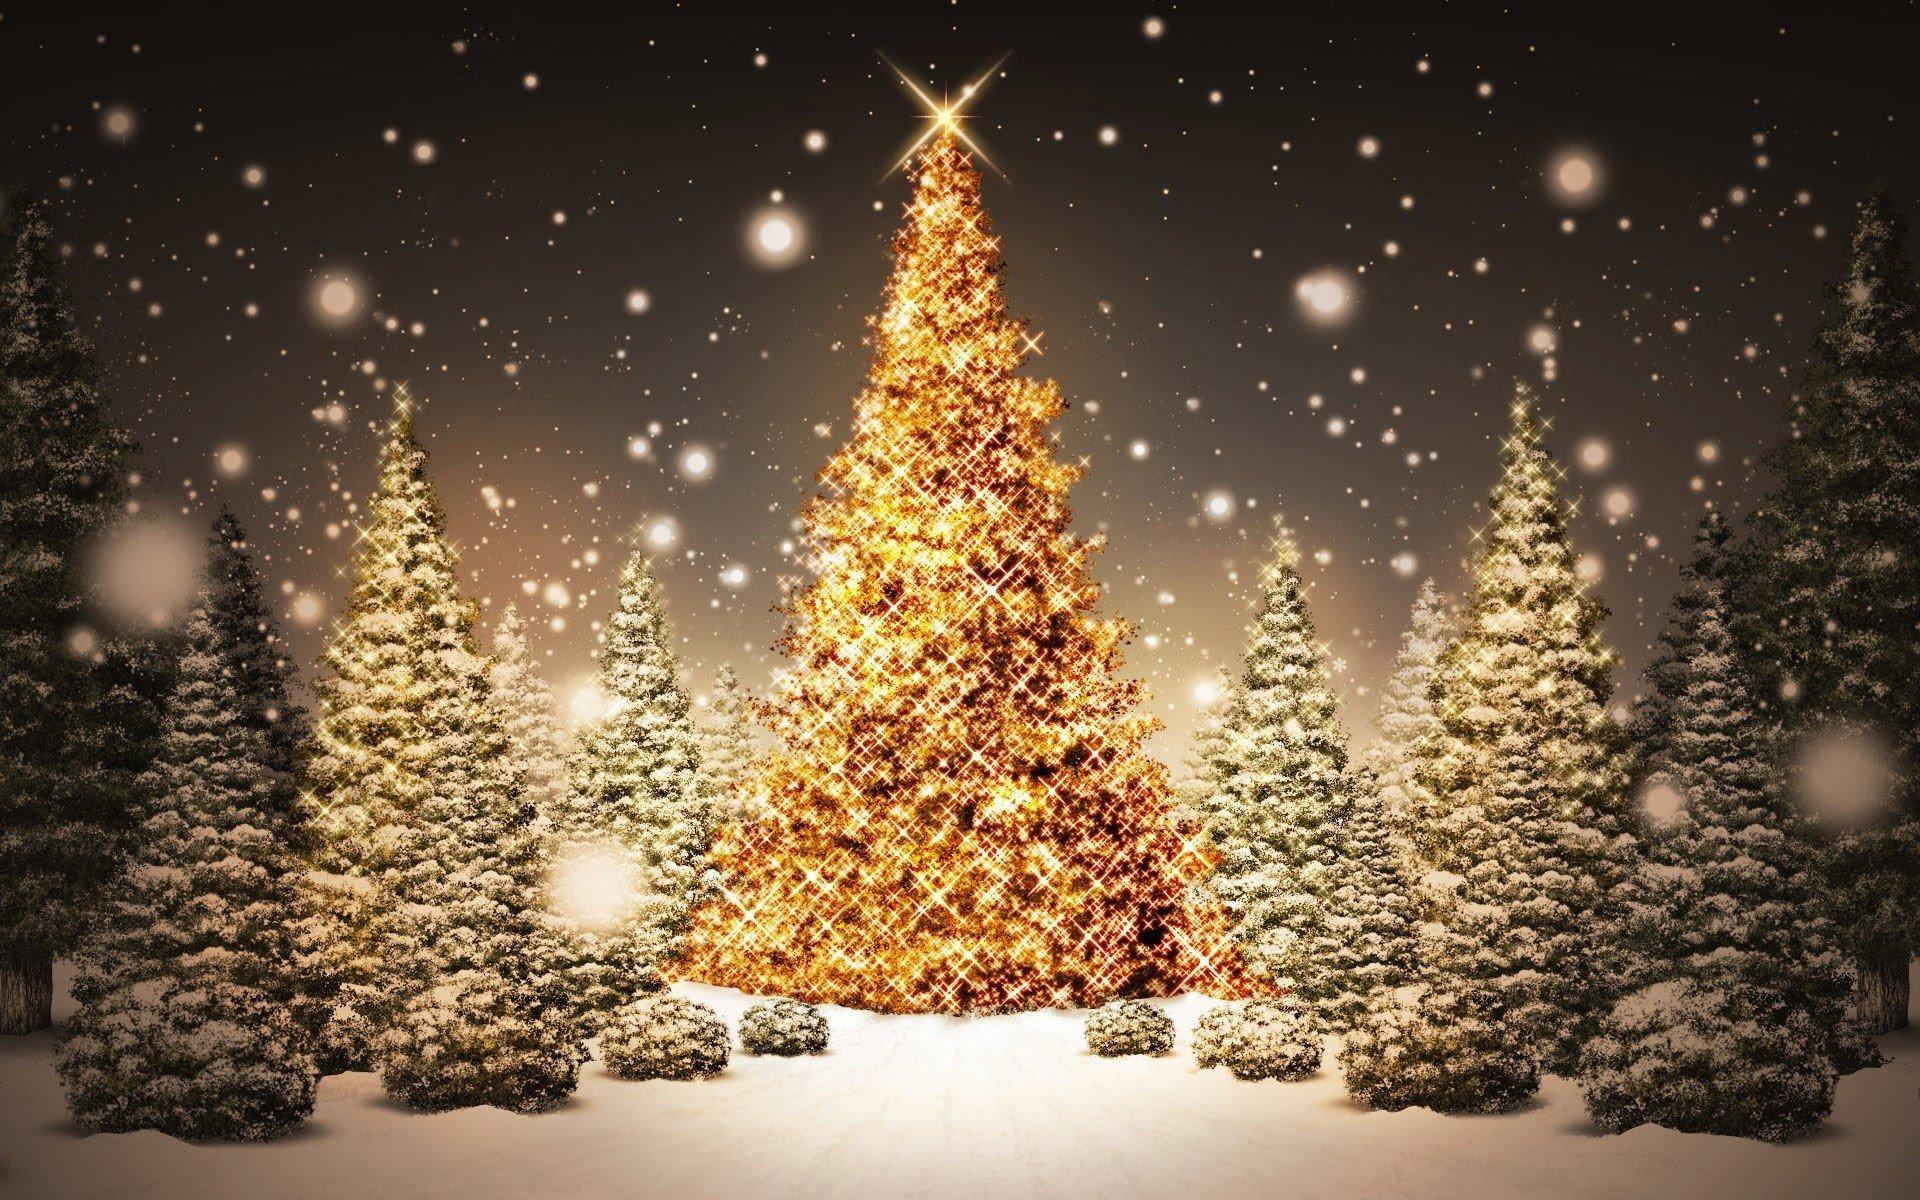 Fondo de pantalla de Arboles de Navidad con destellos de luces doradas Imágenes